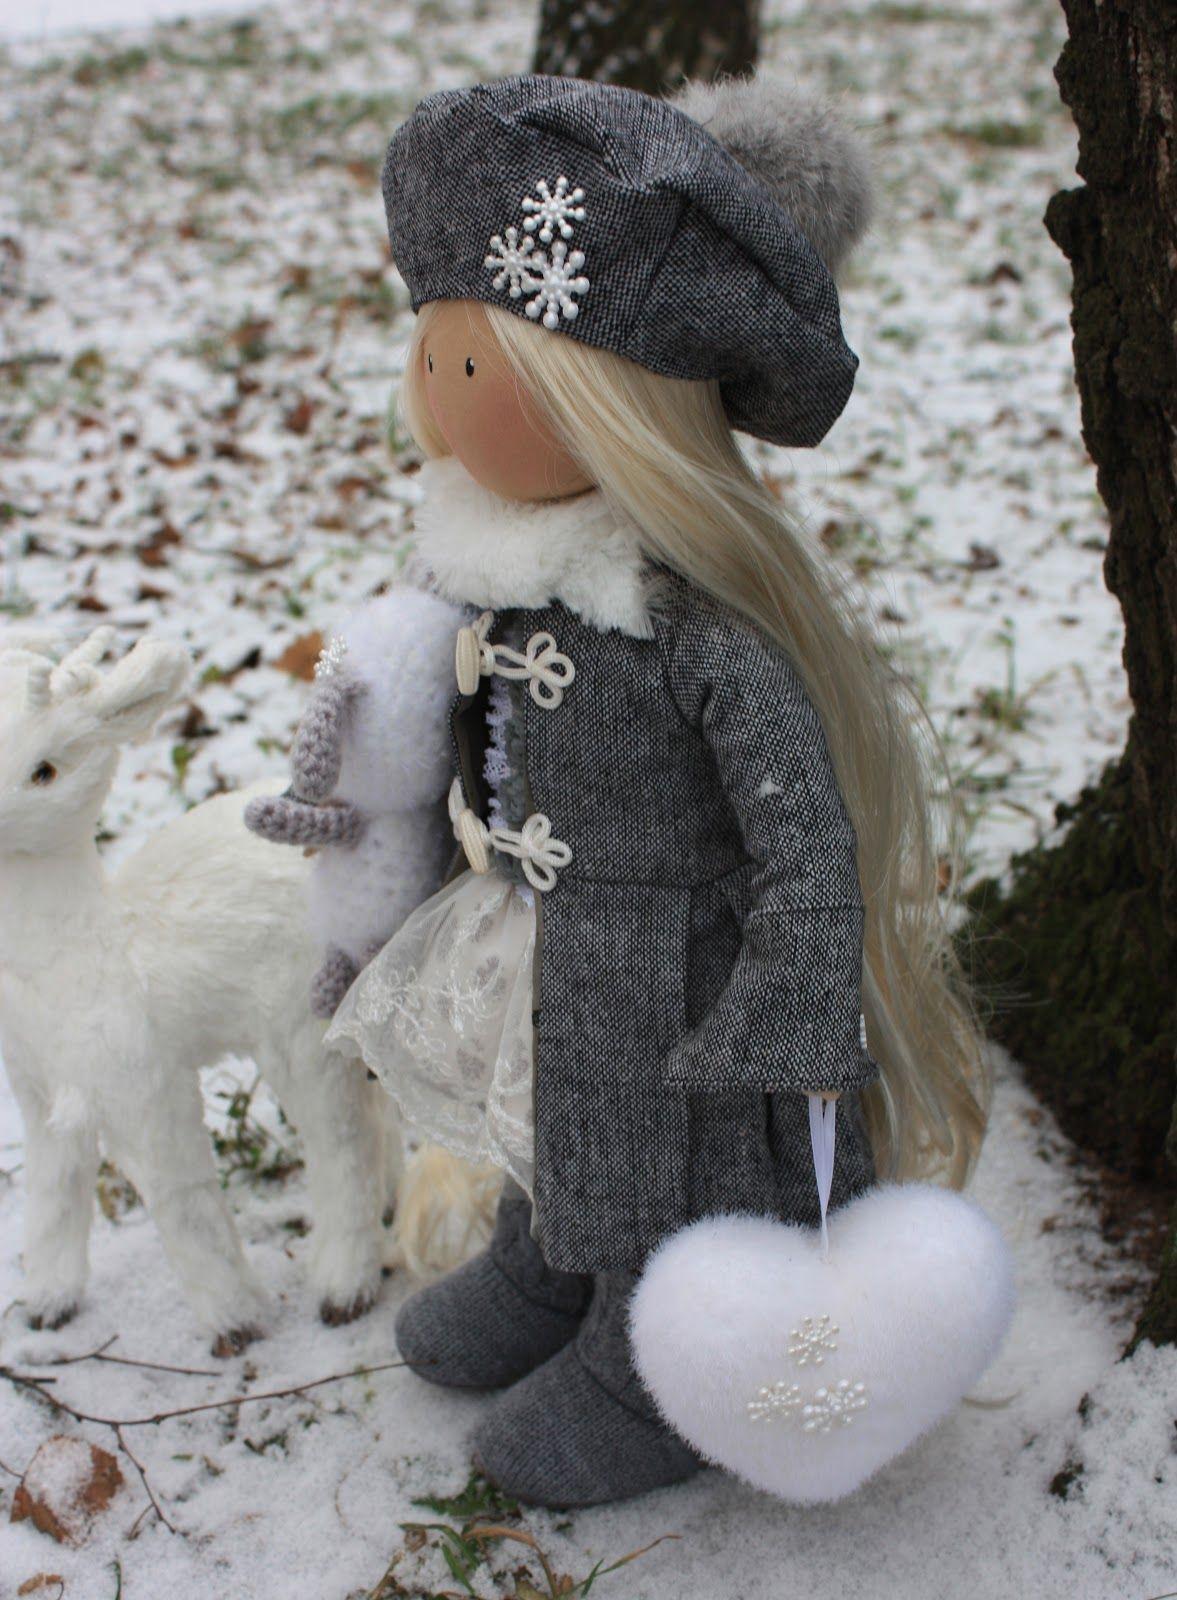 картинки кукол снежок можете